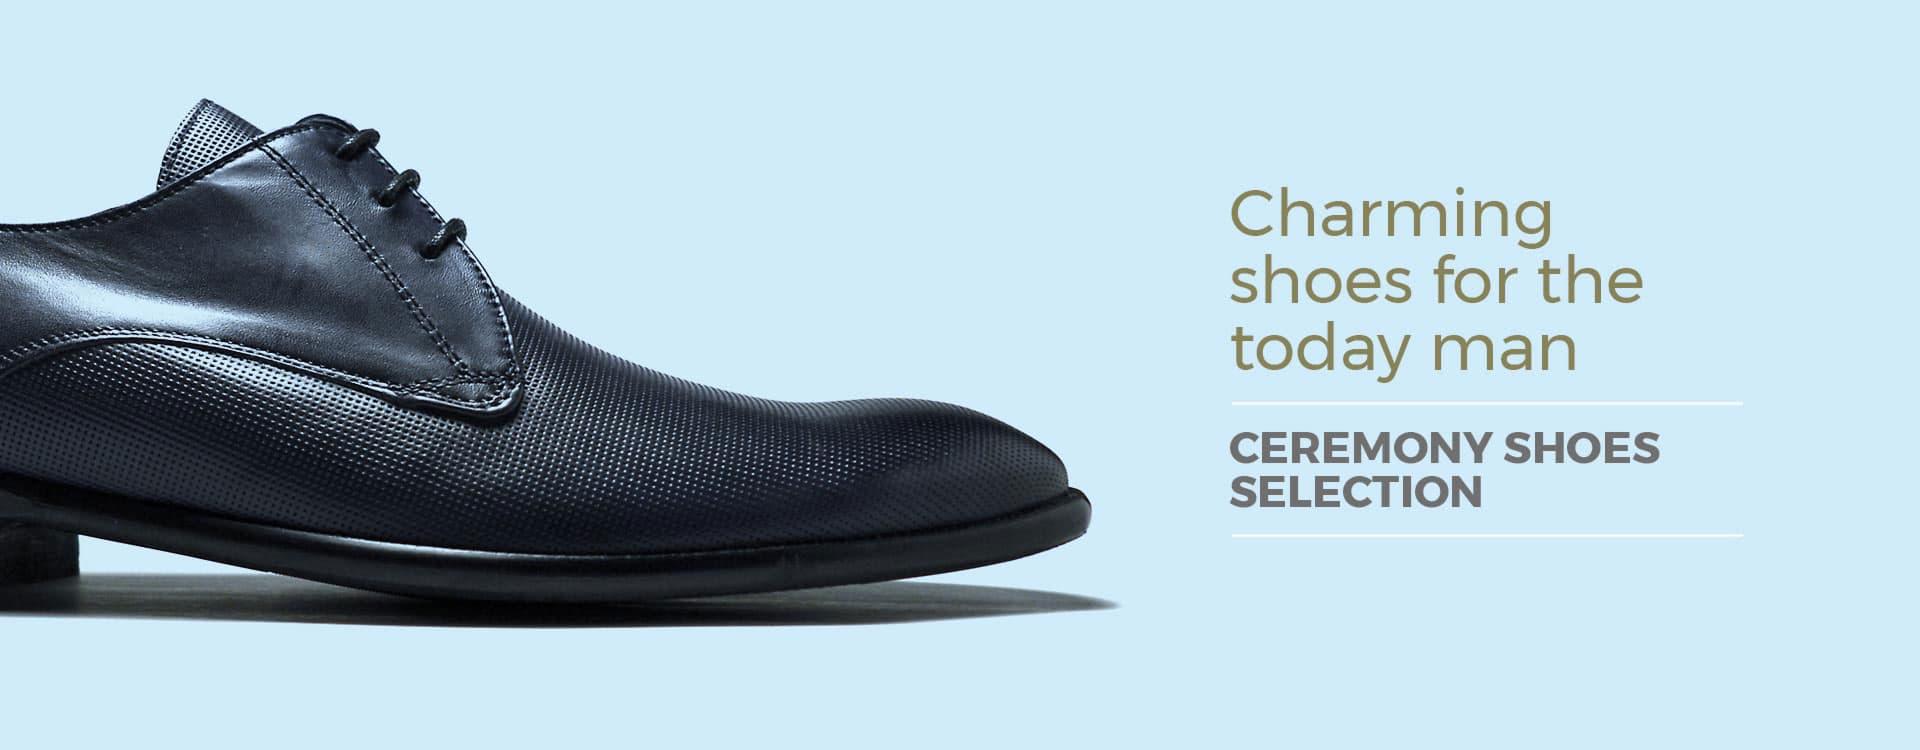 calzados-complementos-seryey-2